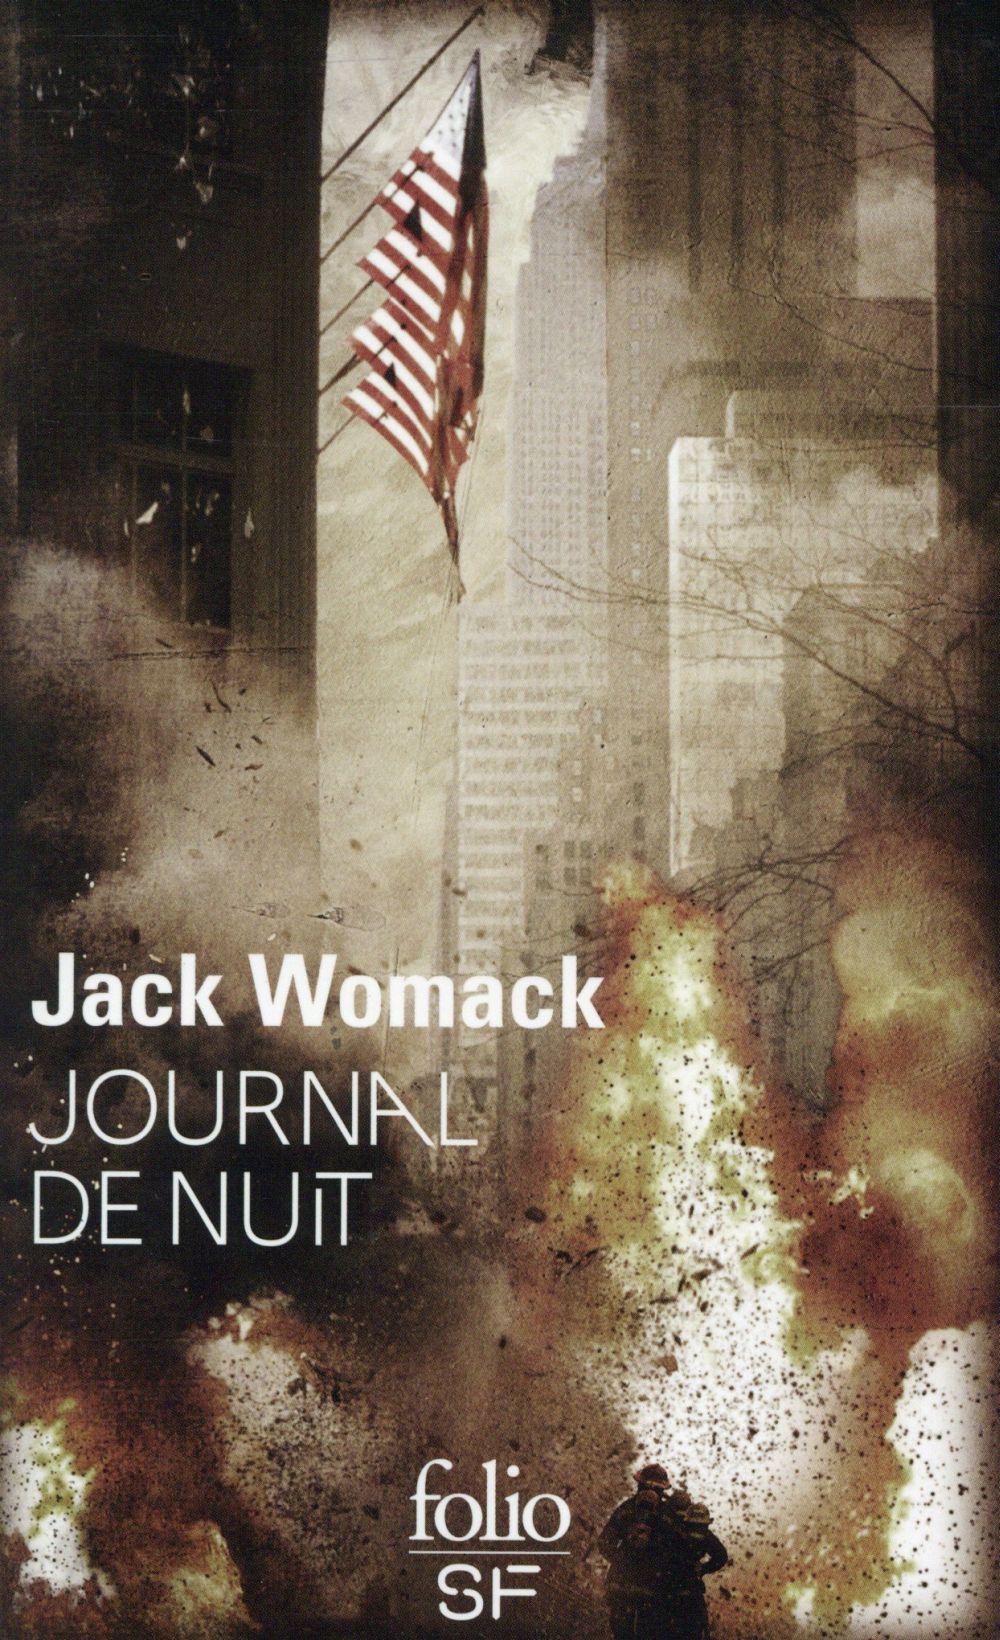 JOURNAL DE NUIT